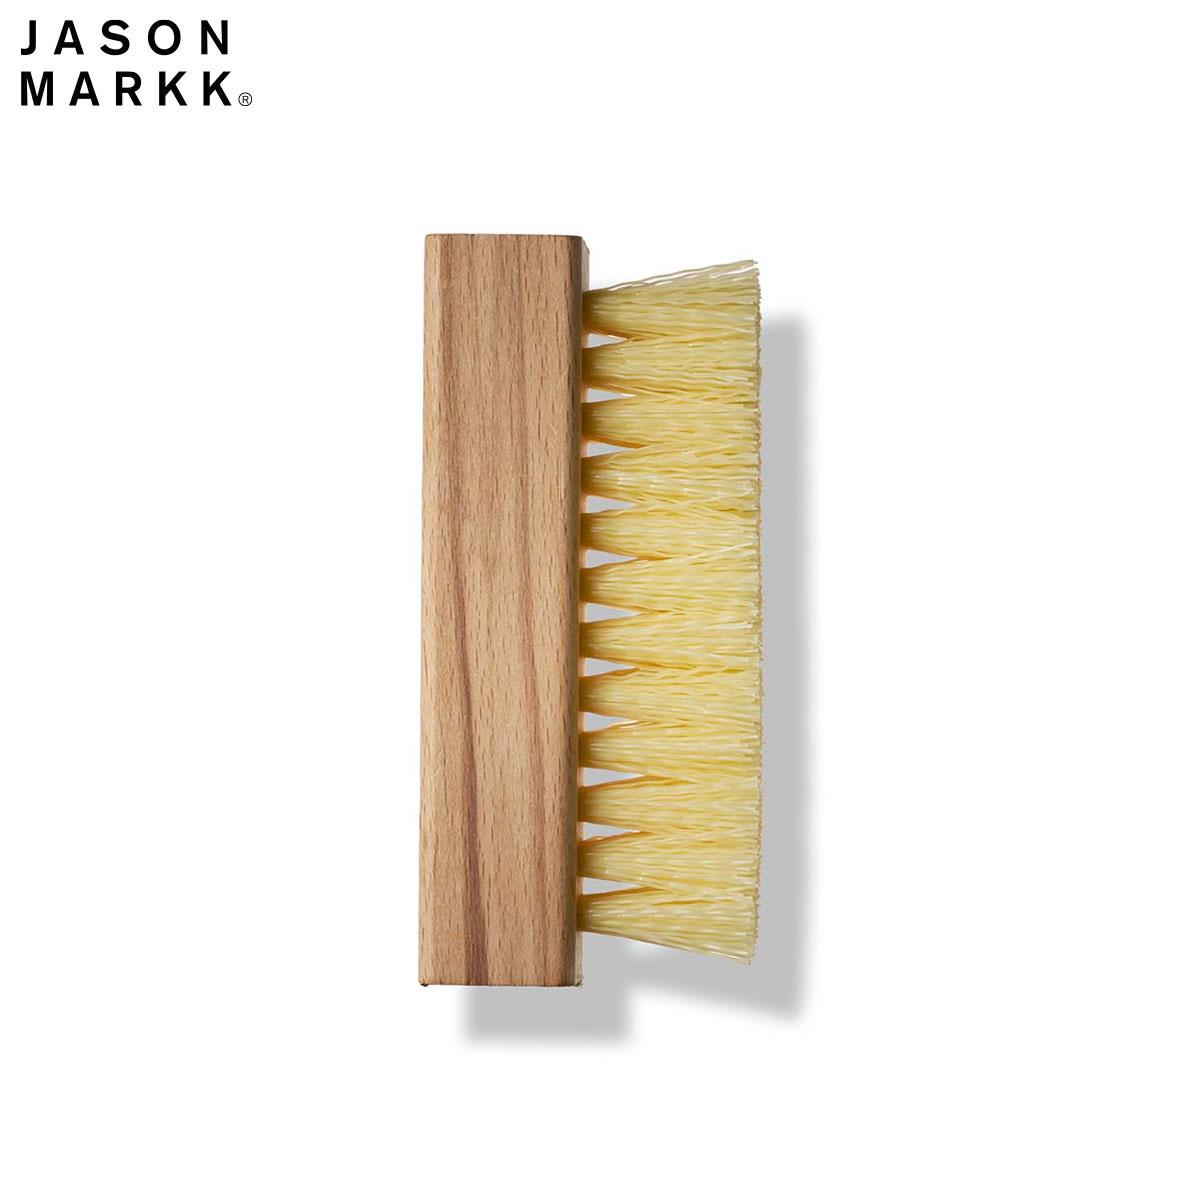 【送料無料】スニーカークリーナー JASON M...の商品画像